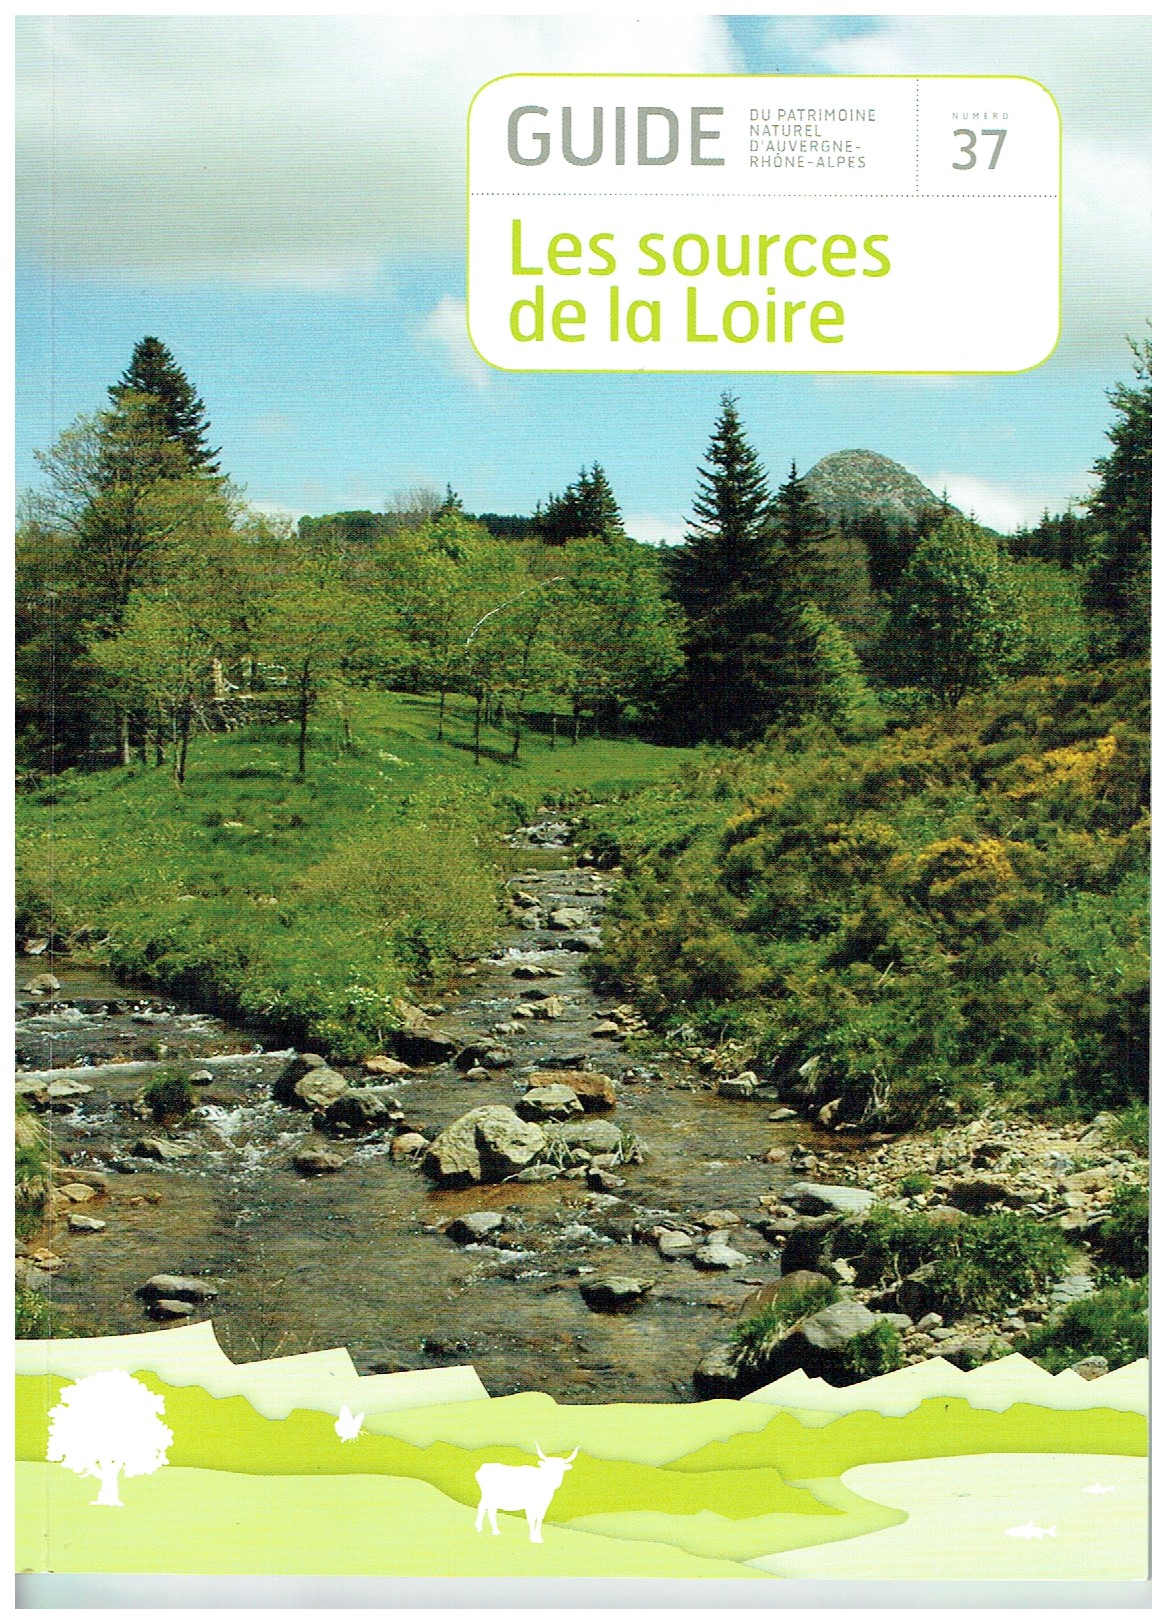 Guide du patrimoine naturel d'Auvergne Rhône Alpes